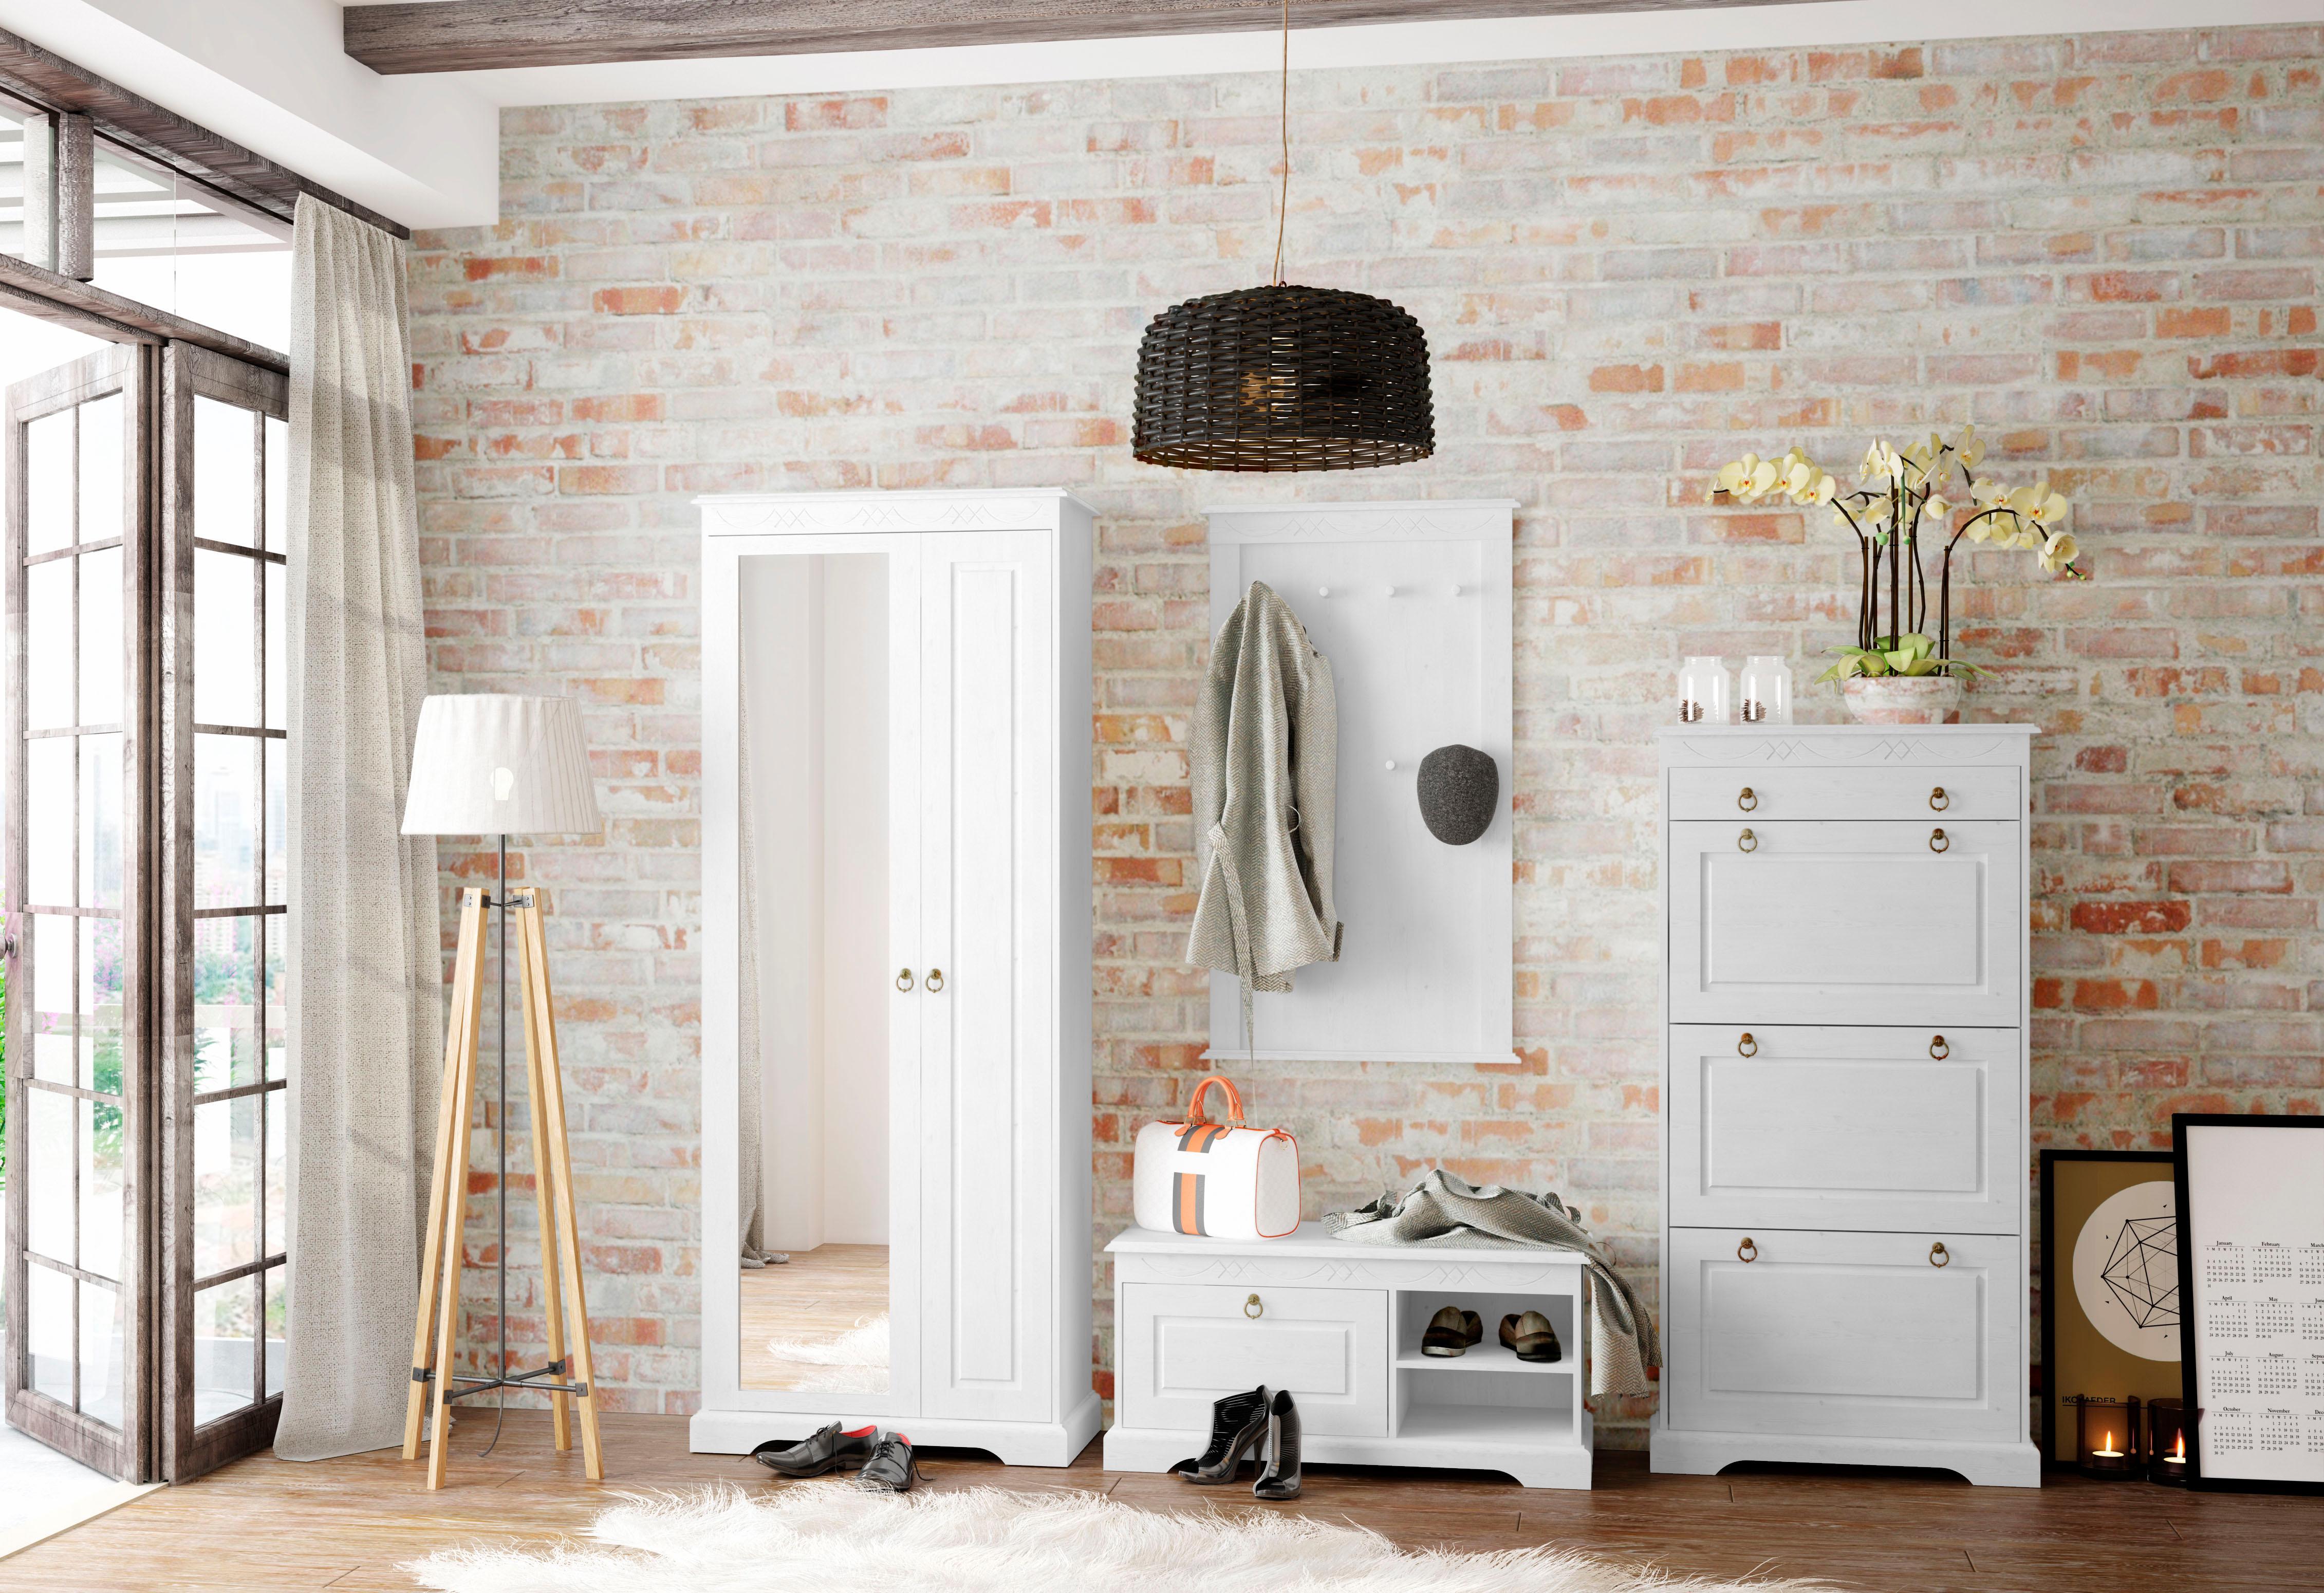 Home affaire Garderoben-Set »Sofia«, (Set, 4 tlg.), aus massiver Kiefer günstig online kaufen